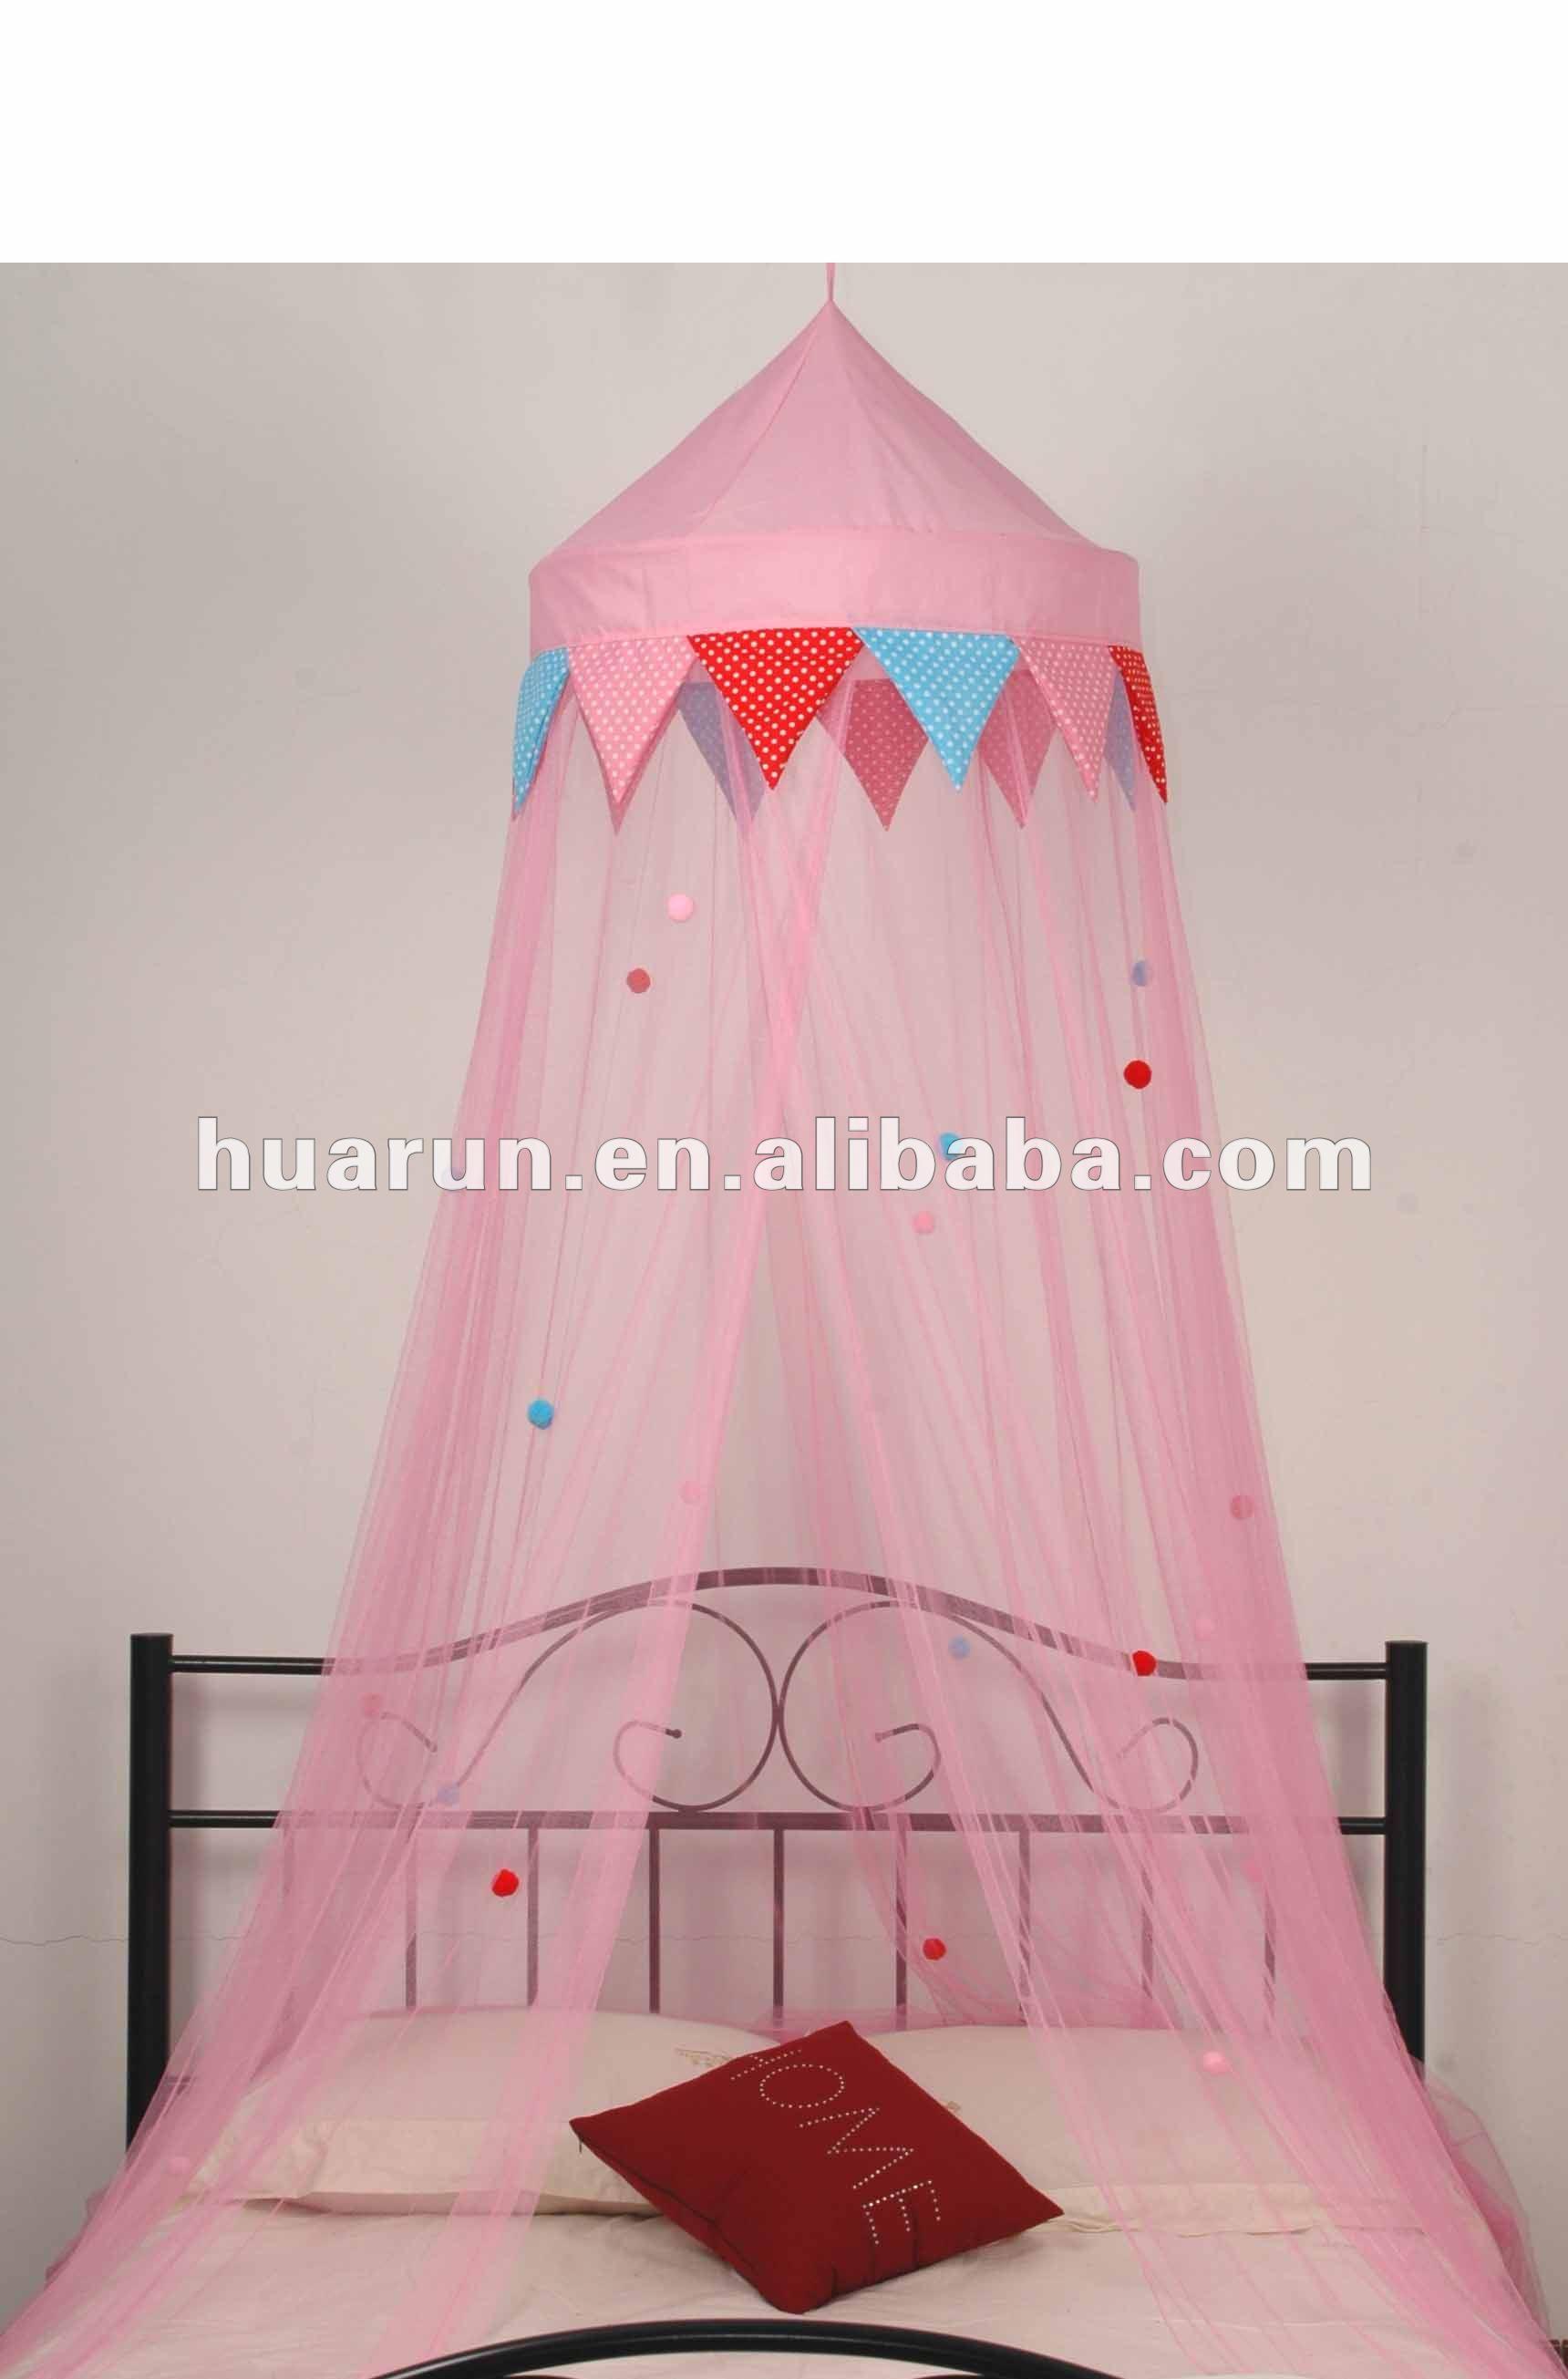 공주 침대 캐노피-모기장 -상품 ID:265901244-korean.alibaba.com